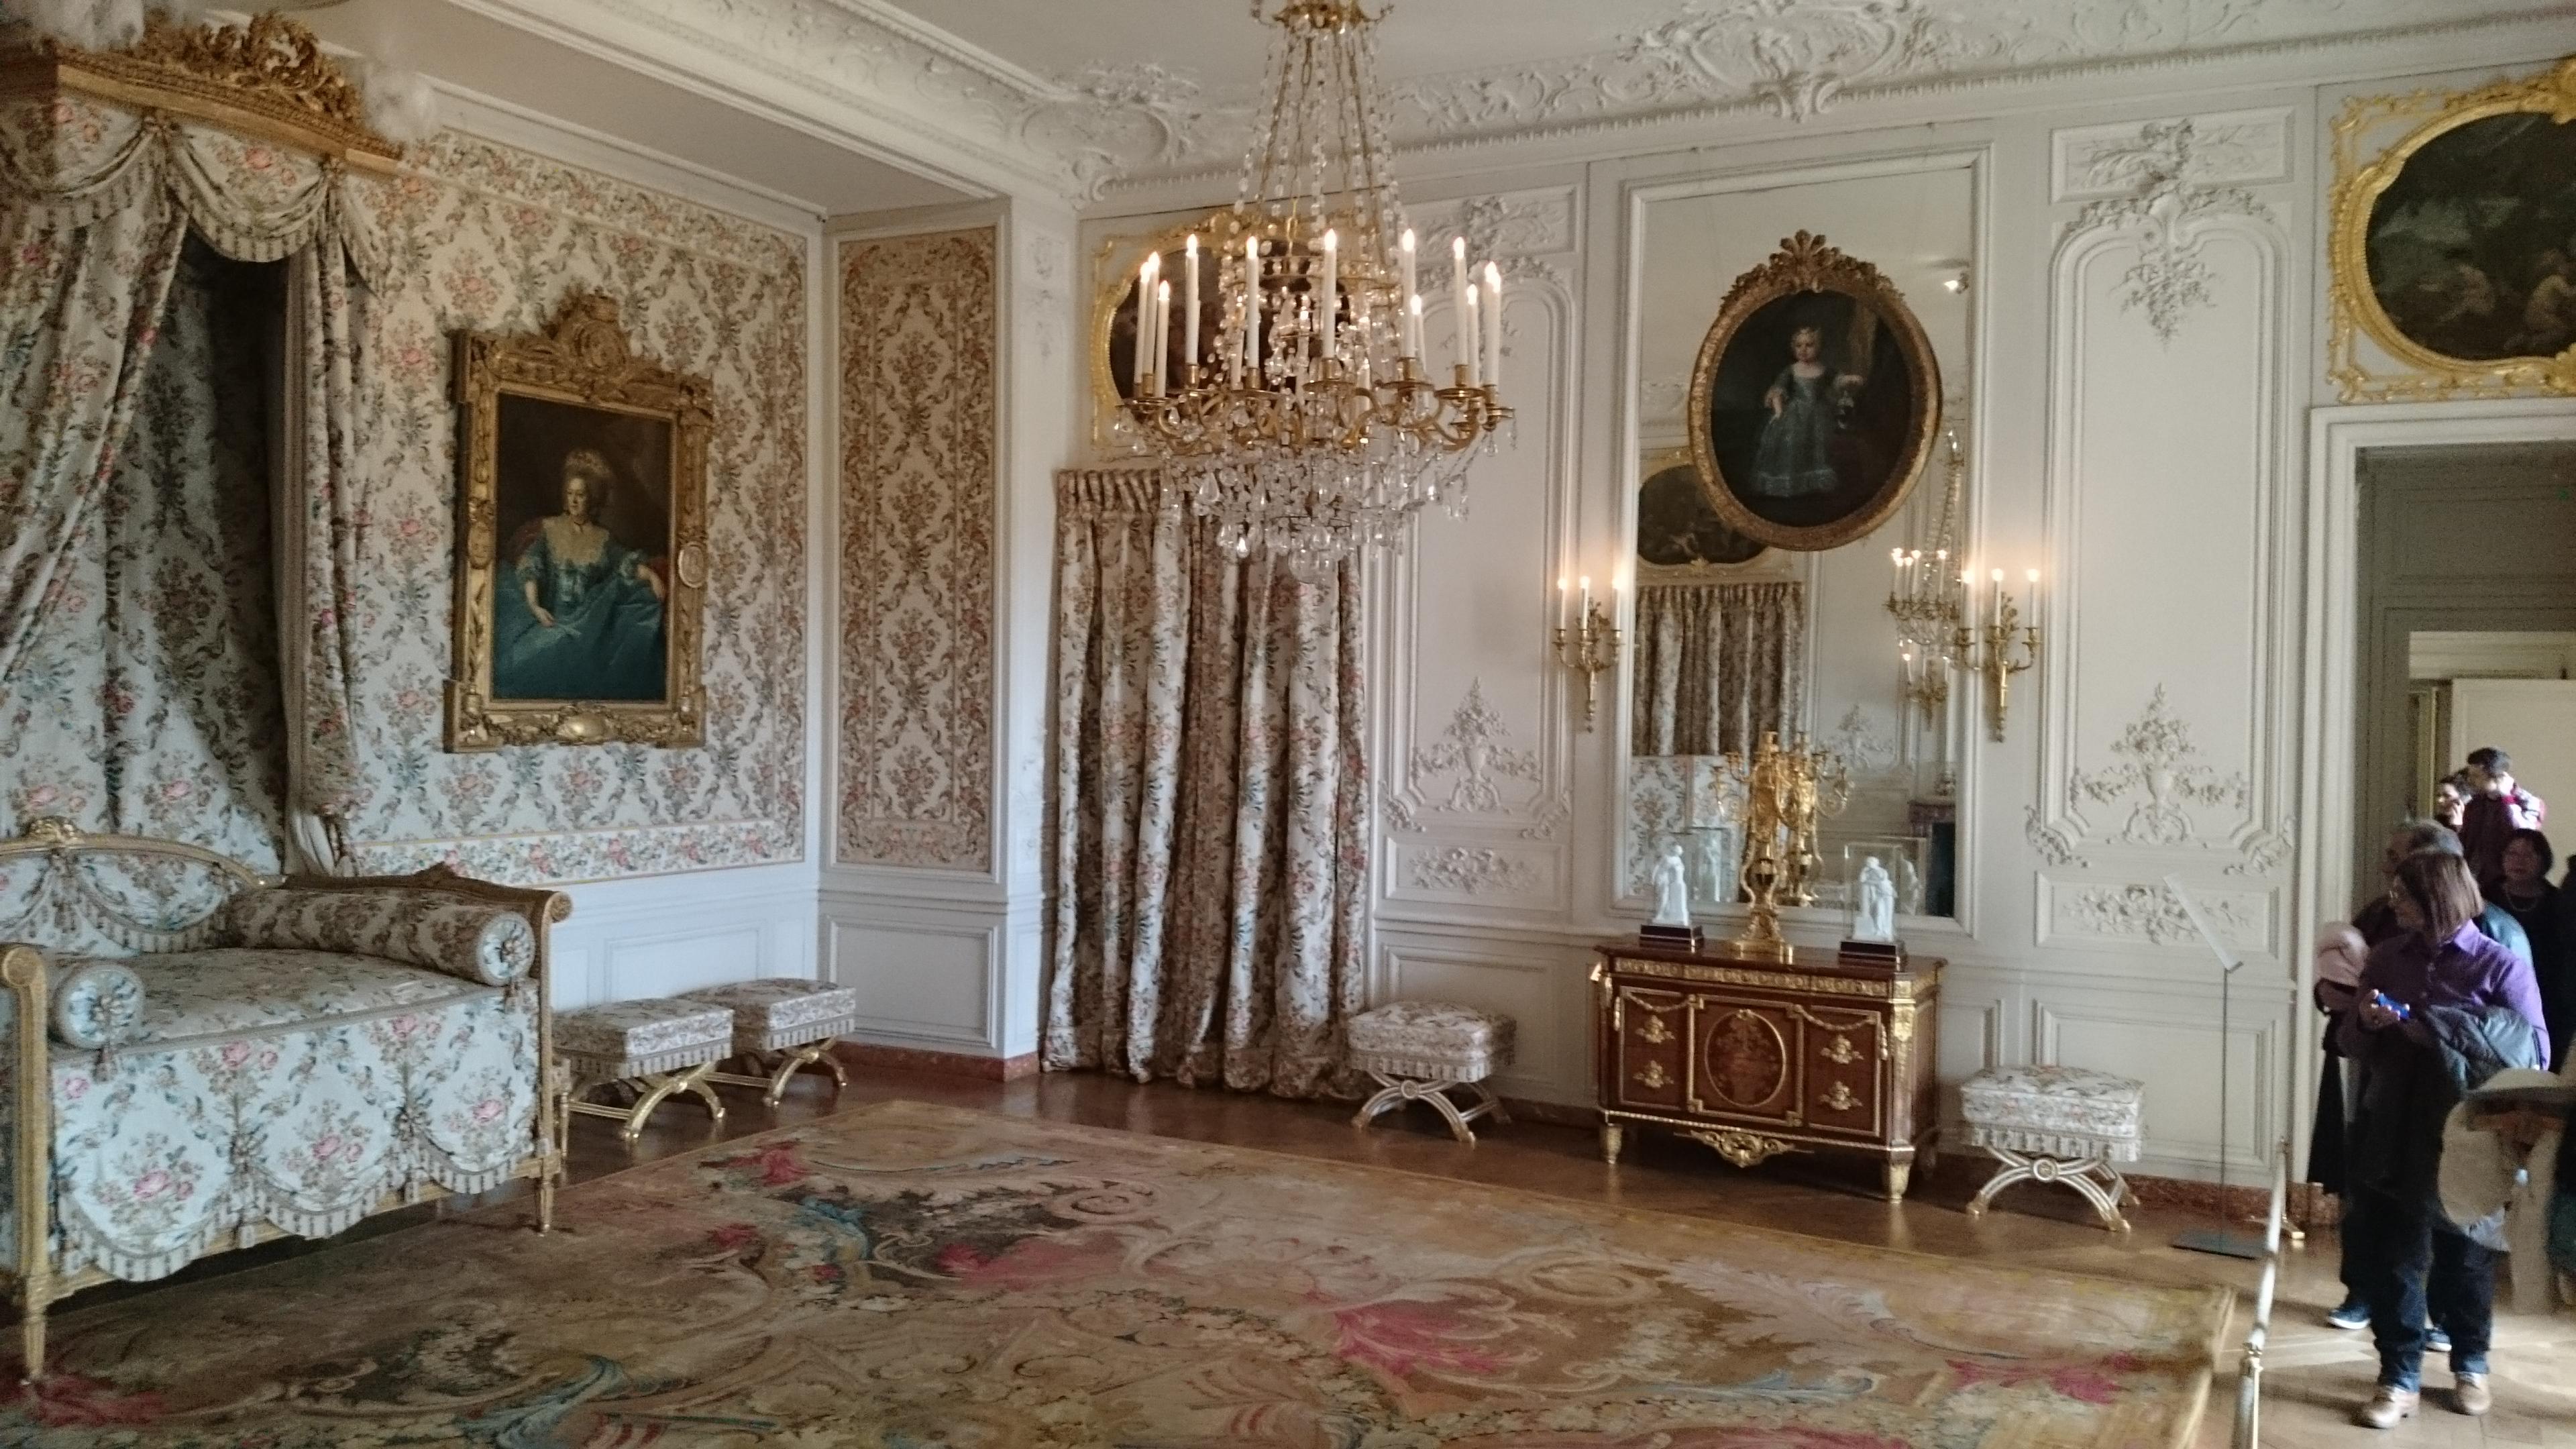 dsc 14271 - Visita al Palacio de Versalles: Como ir, cuanto cuesta y tips III/III